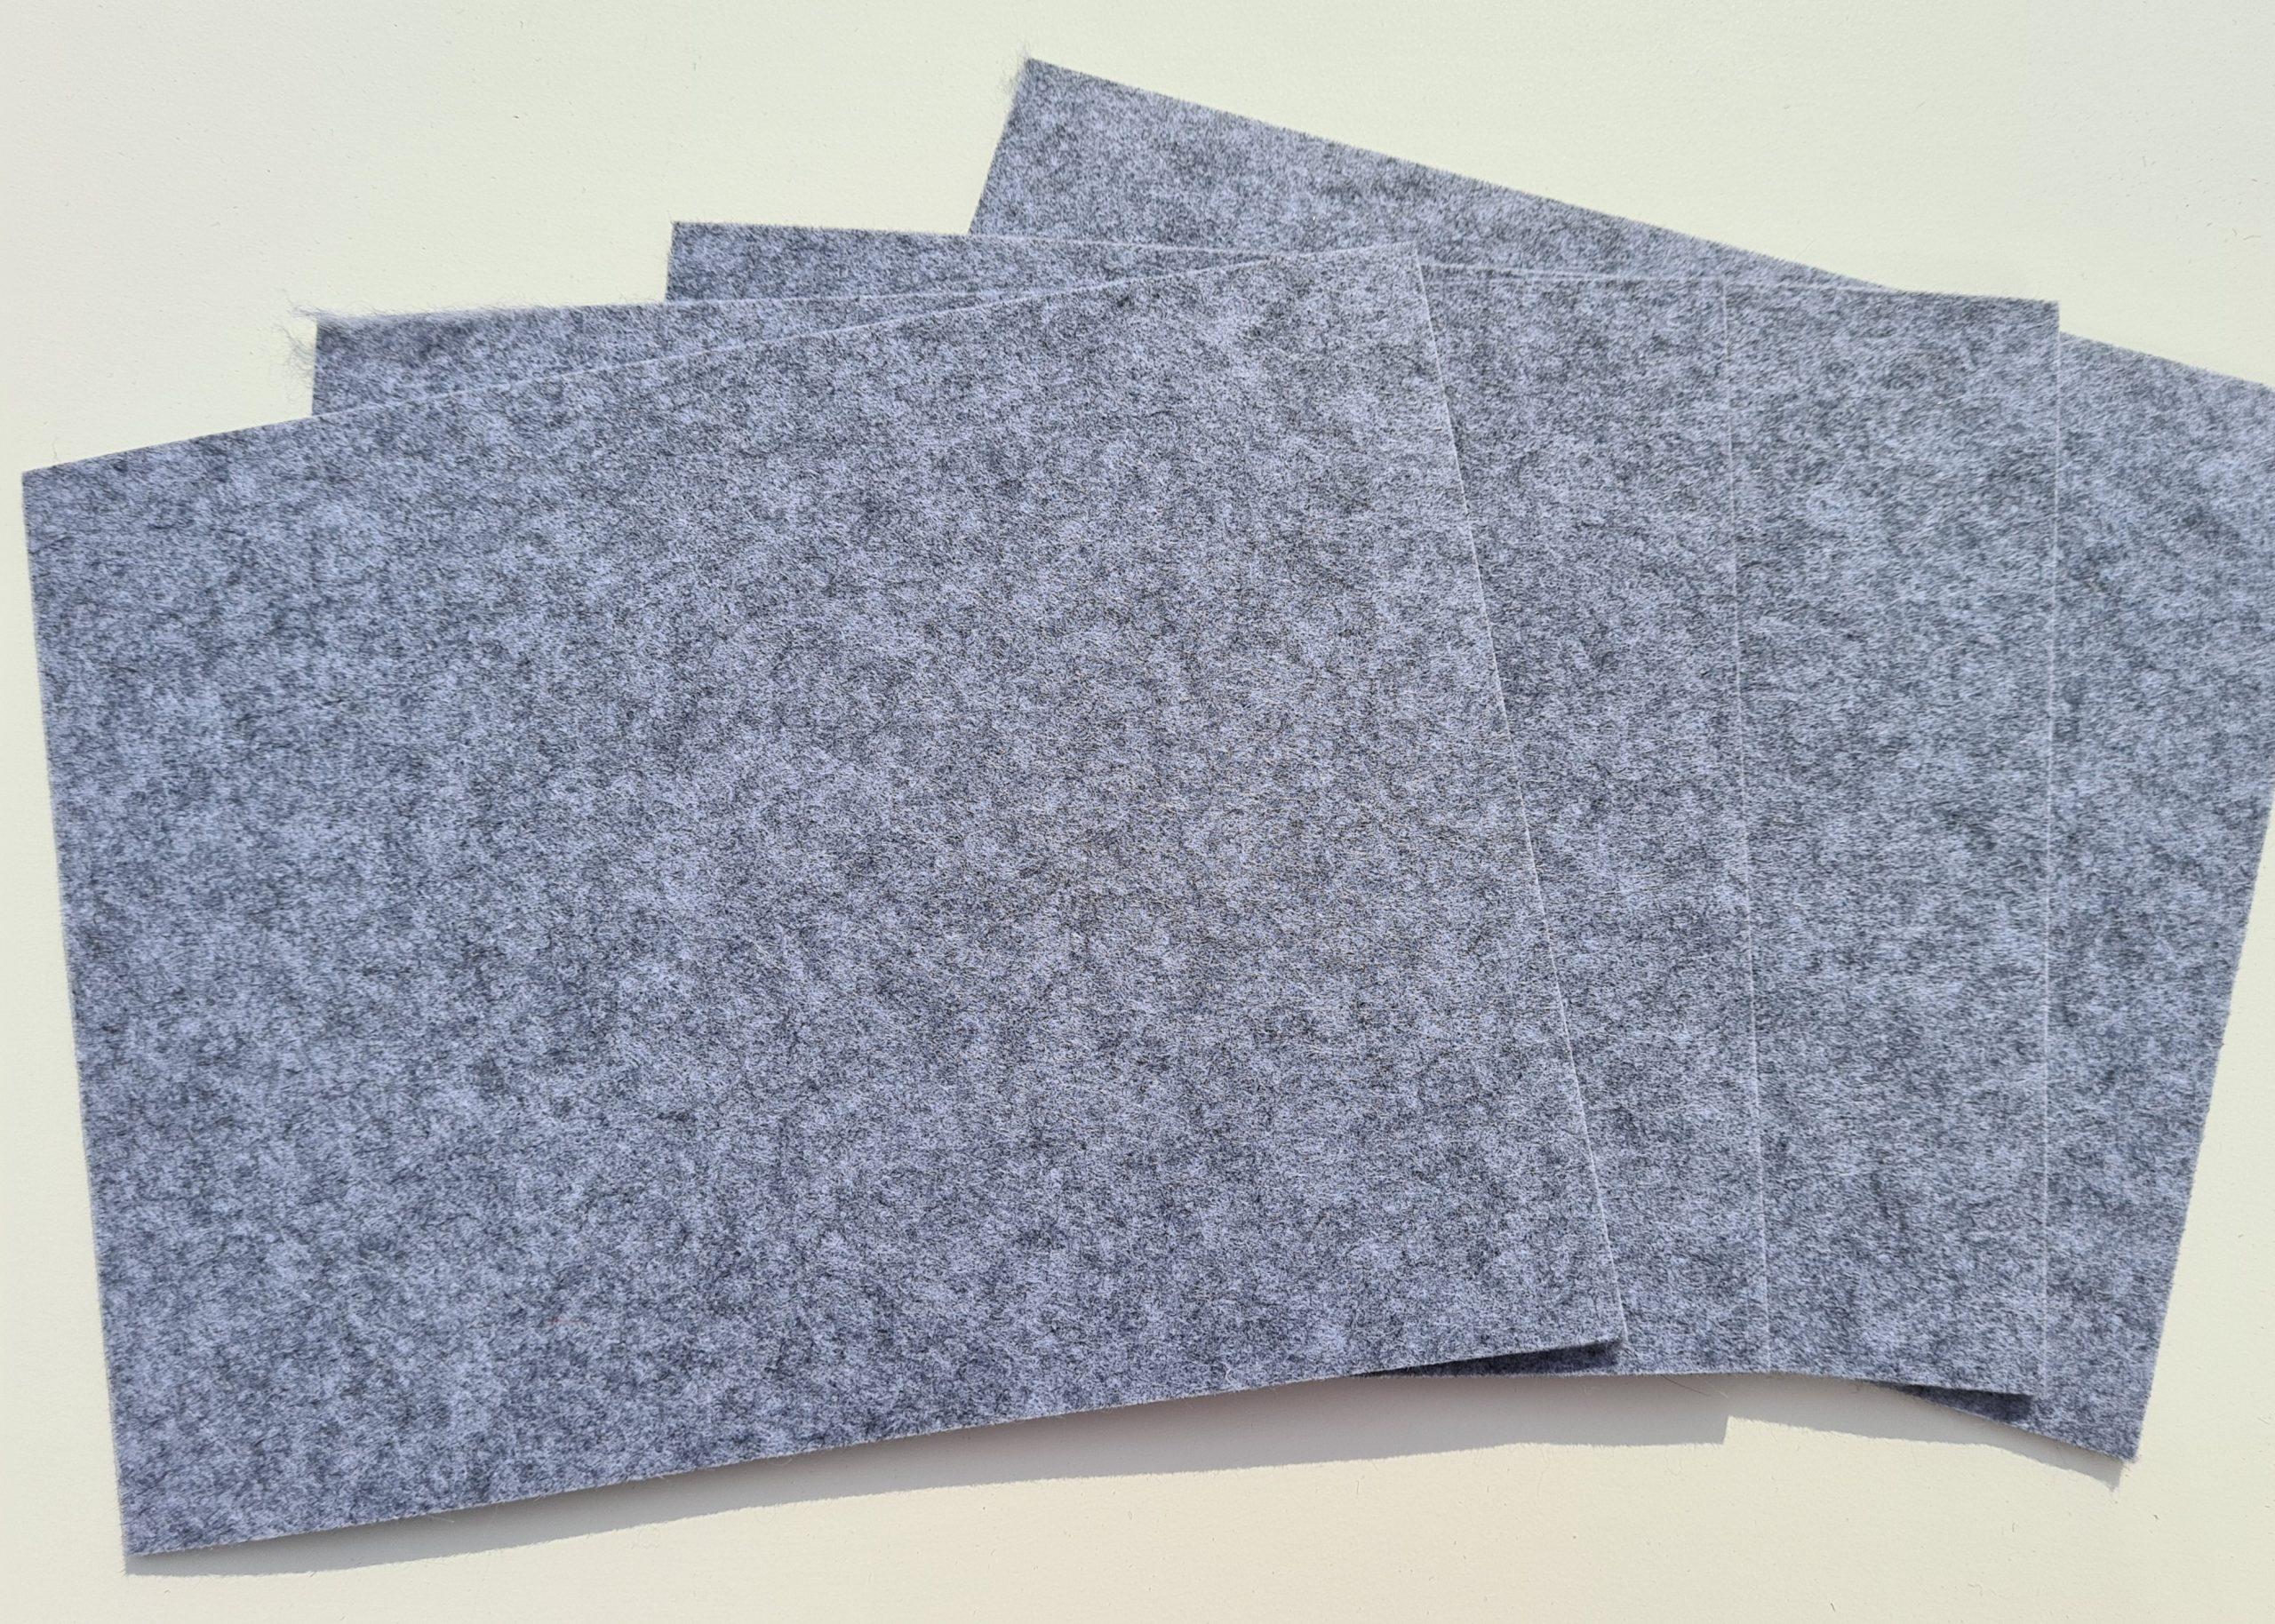 Hellgraue Filz-Untersetzter quadratisch - Handgemachte individualisierbare Taschen, Körbe, Tischsets, Dekoartikel und mehr auf fideko.de der Onlineshop seit 2011